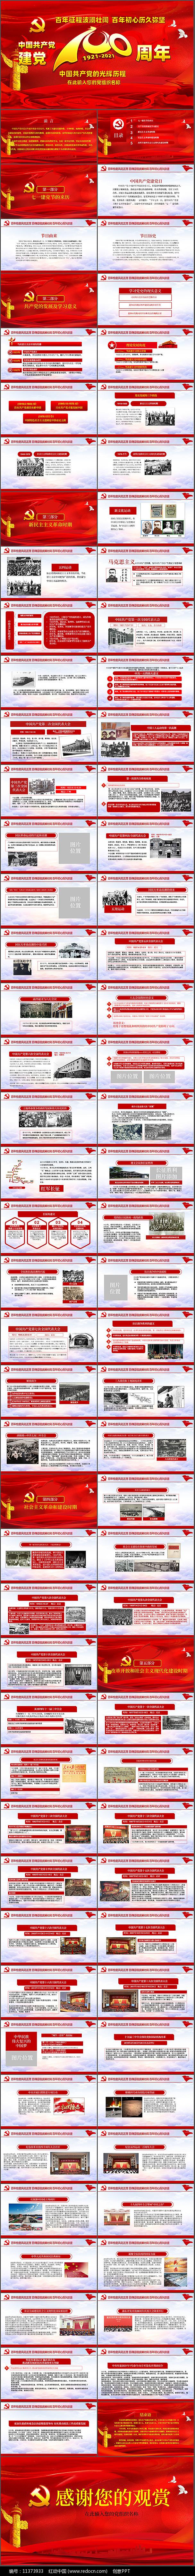 学习党史建党100周年PPT图片